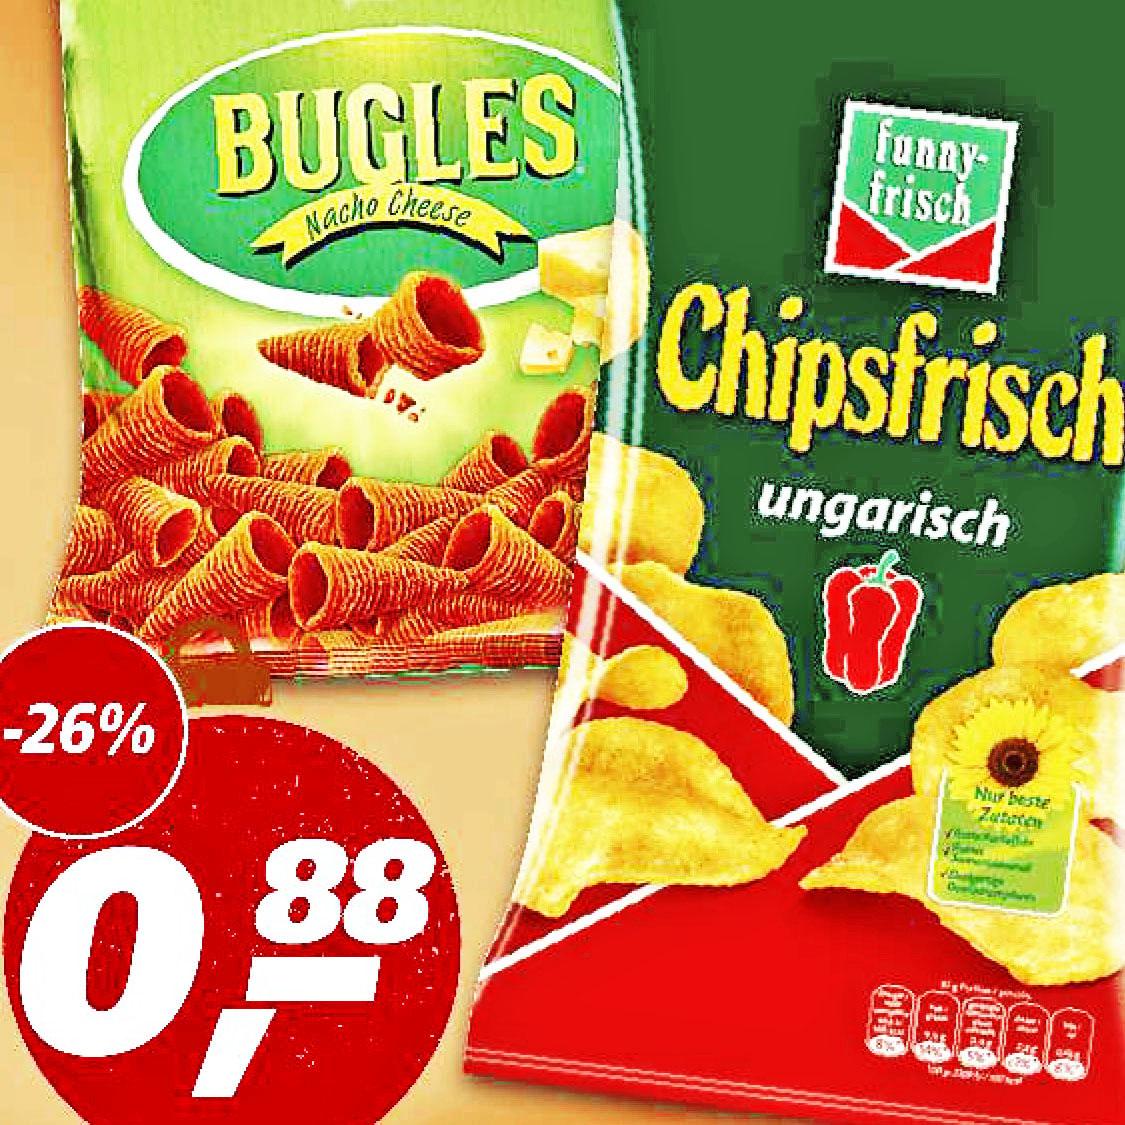 Funny-Frisch, leckere Bugles Maishörnchen und auch Lay´s Deep Ridged für nur 88 Cent bei [Real]